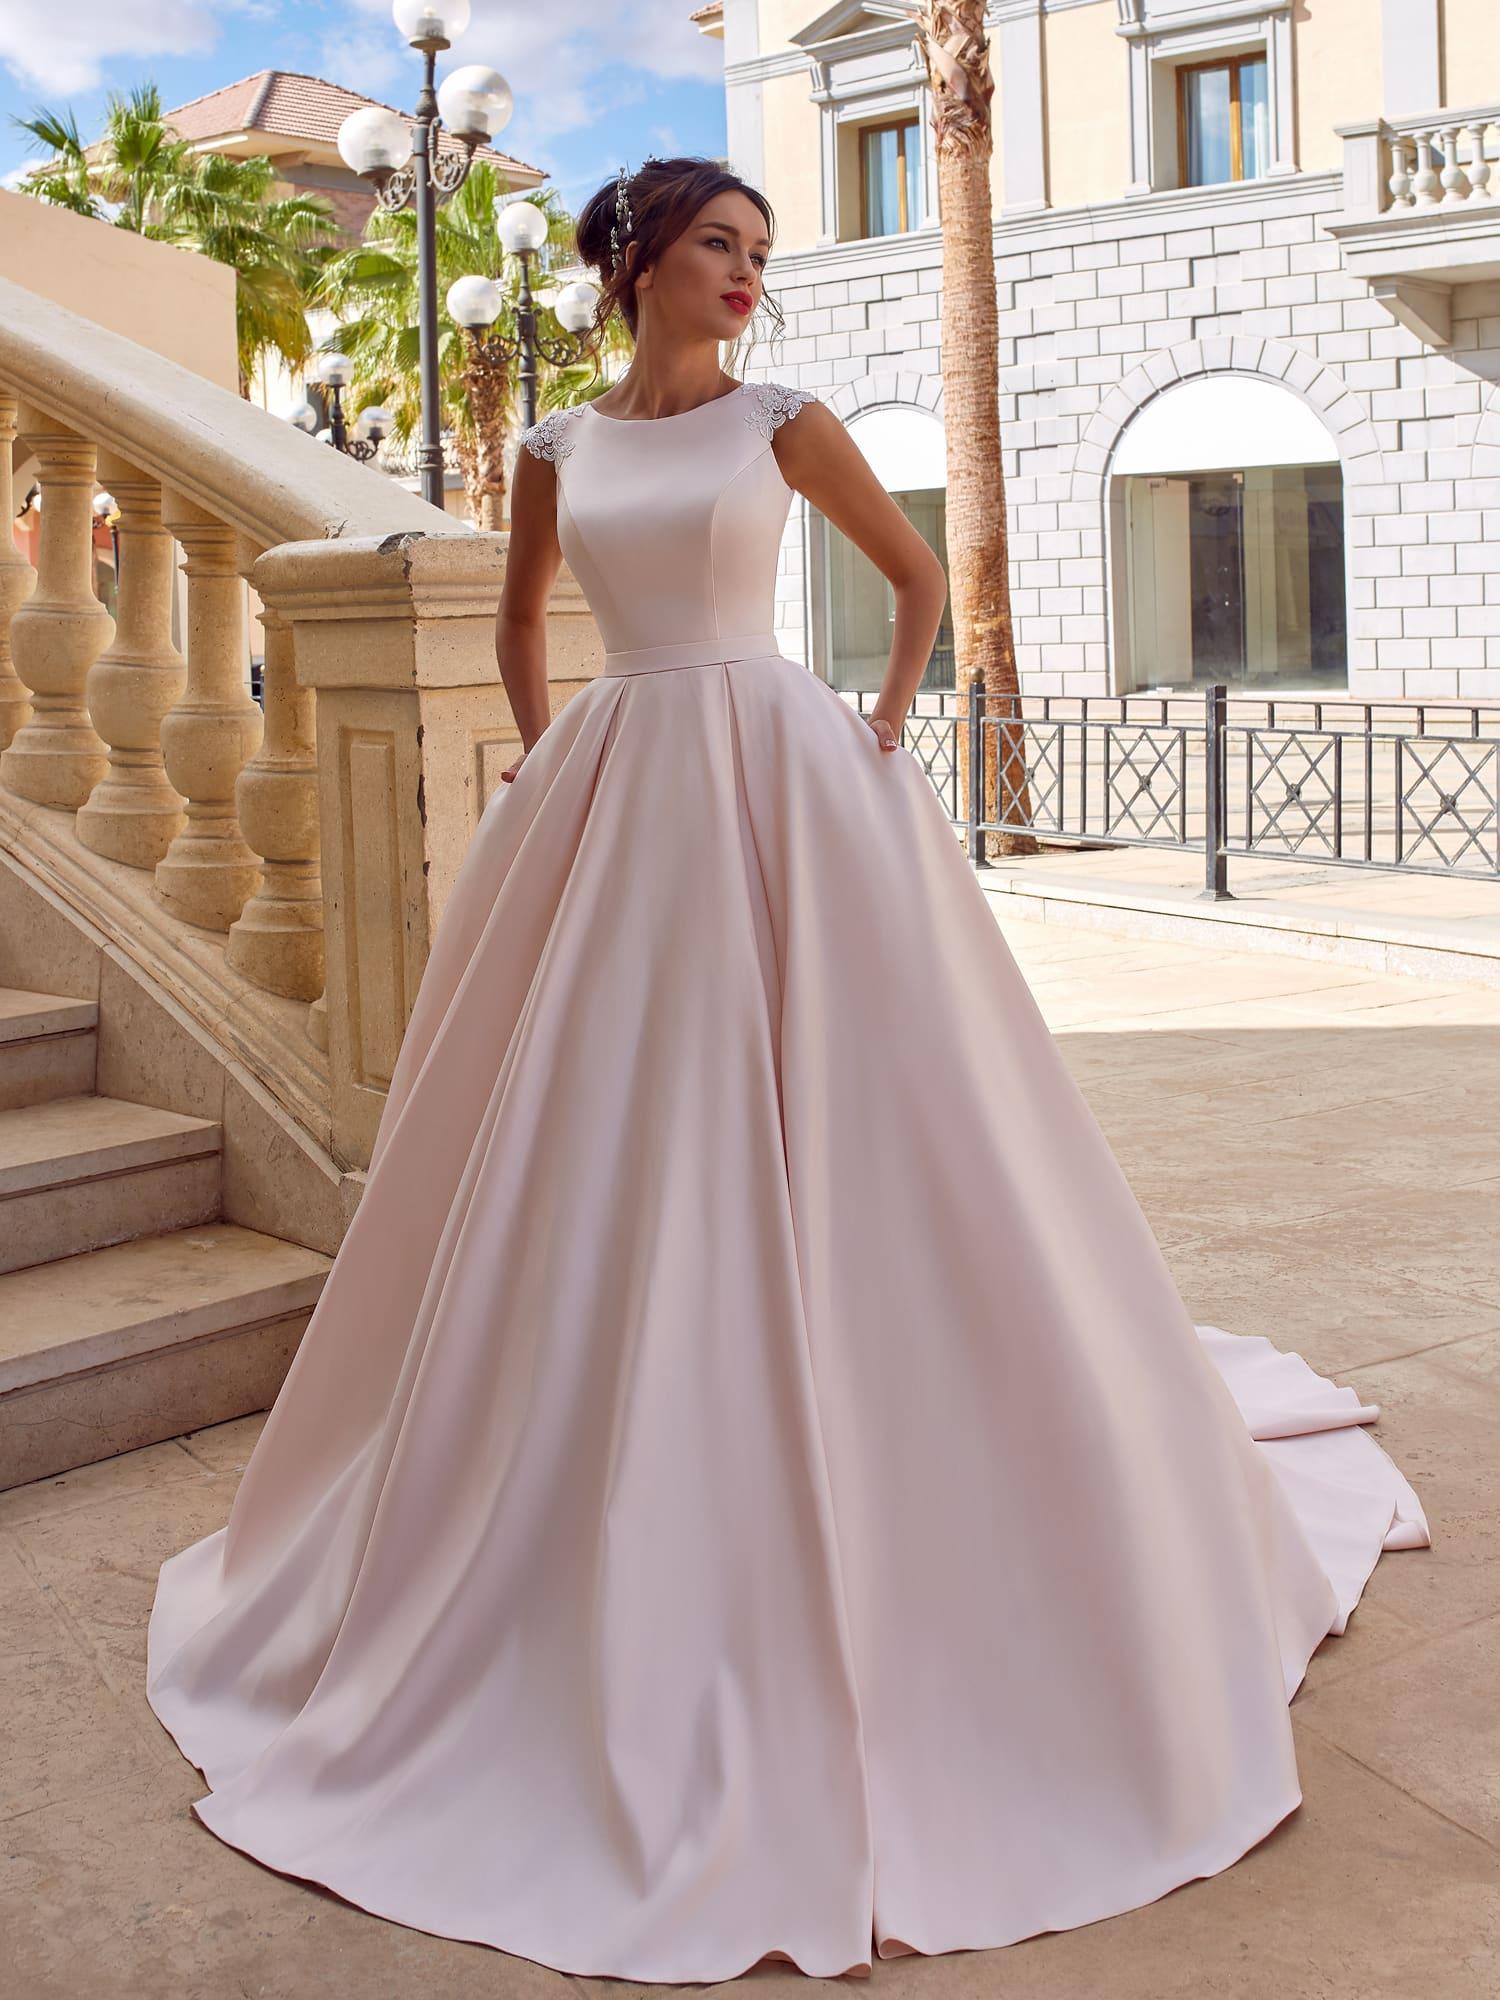 16b3f1faf8e Розовое свадебное платье Soltero Laurel ▷ Свадебный Торговый Центр Вега в  Москве